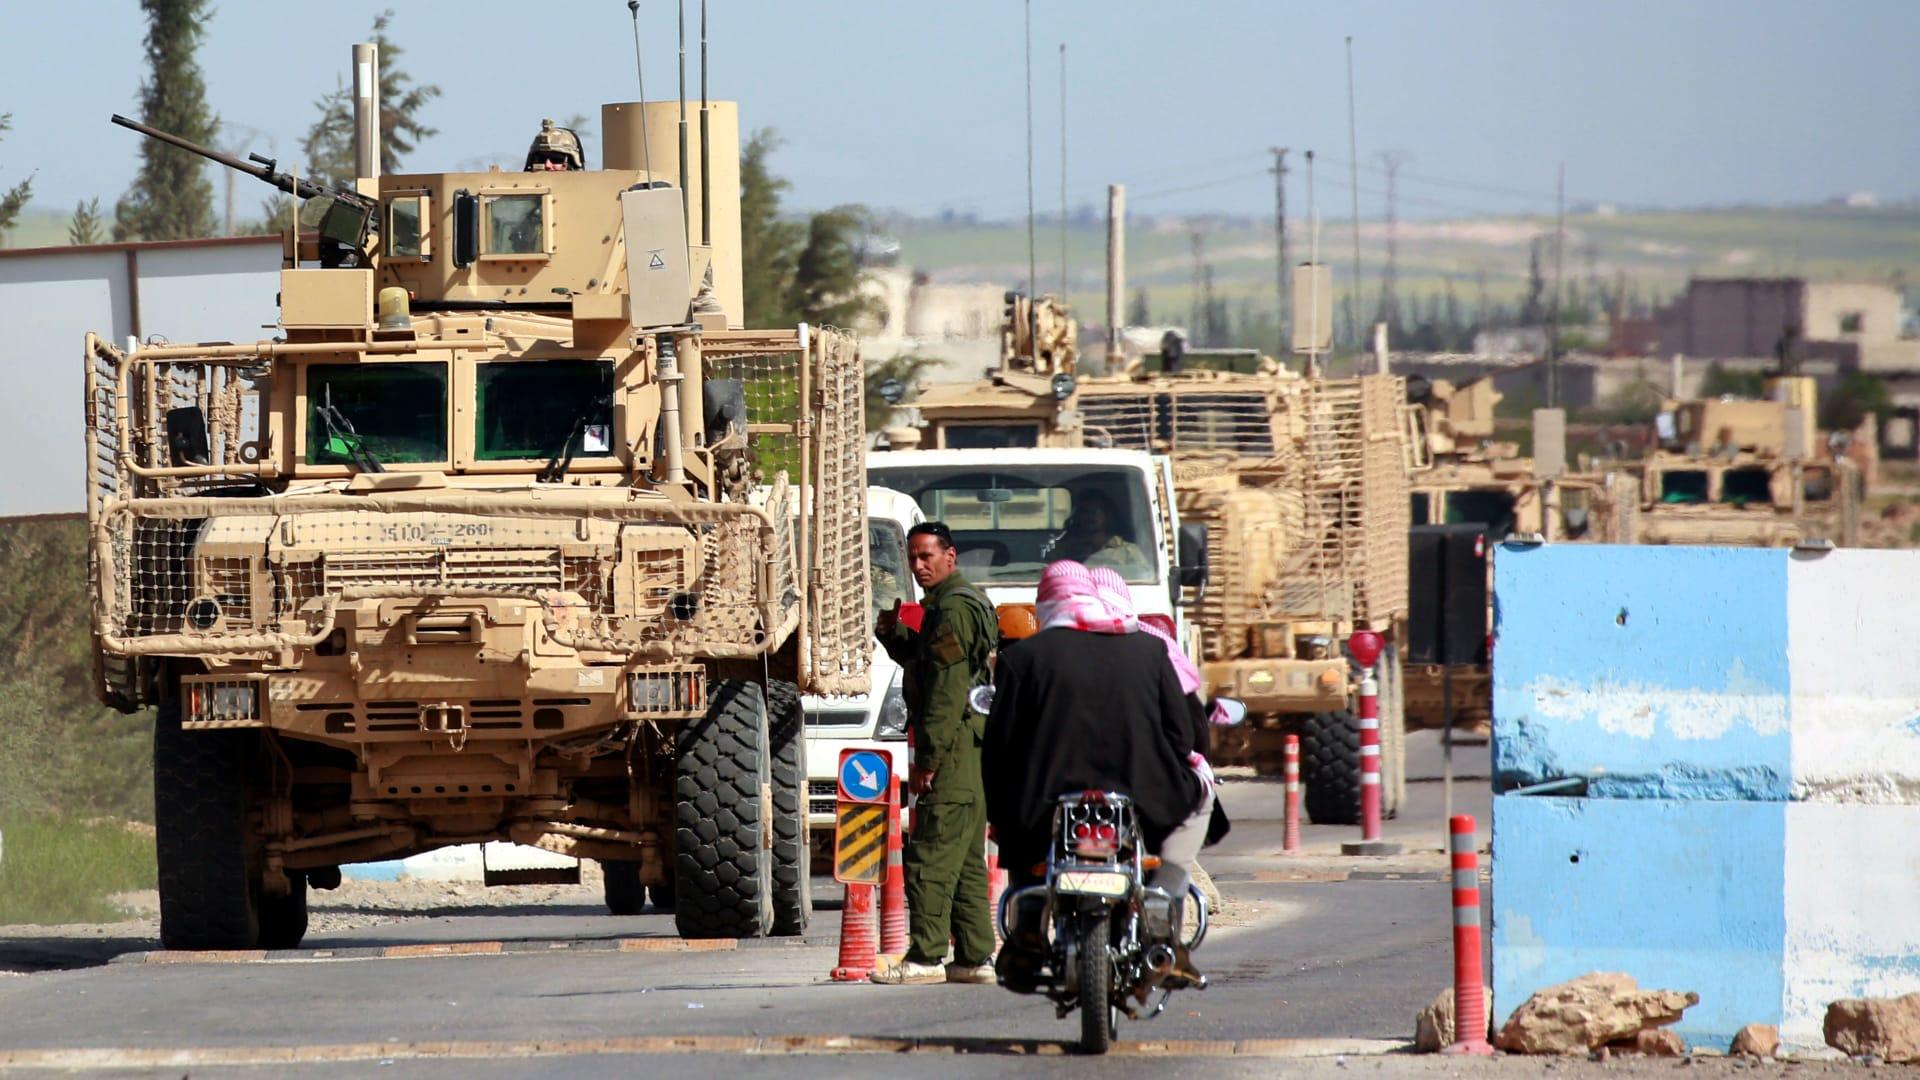 سوريا: دورية أمريكية تقتل مواطنا في اشتباك مع أهالي قريتين في القامشلي.. والتحالف: قمنا بالدفاع عن أنفسنا